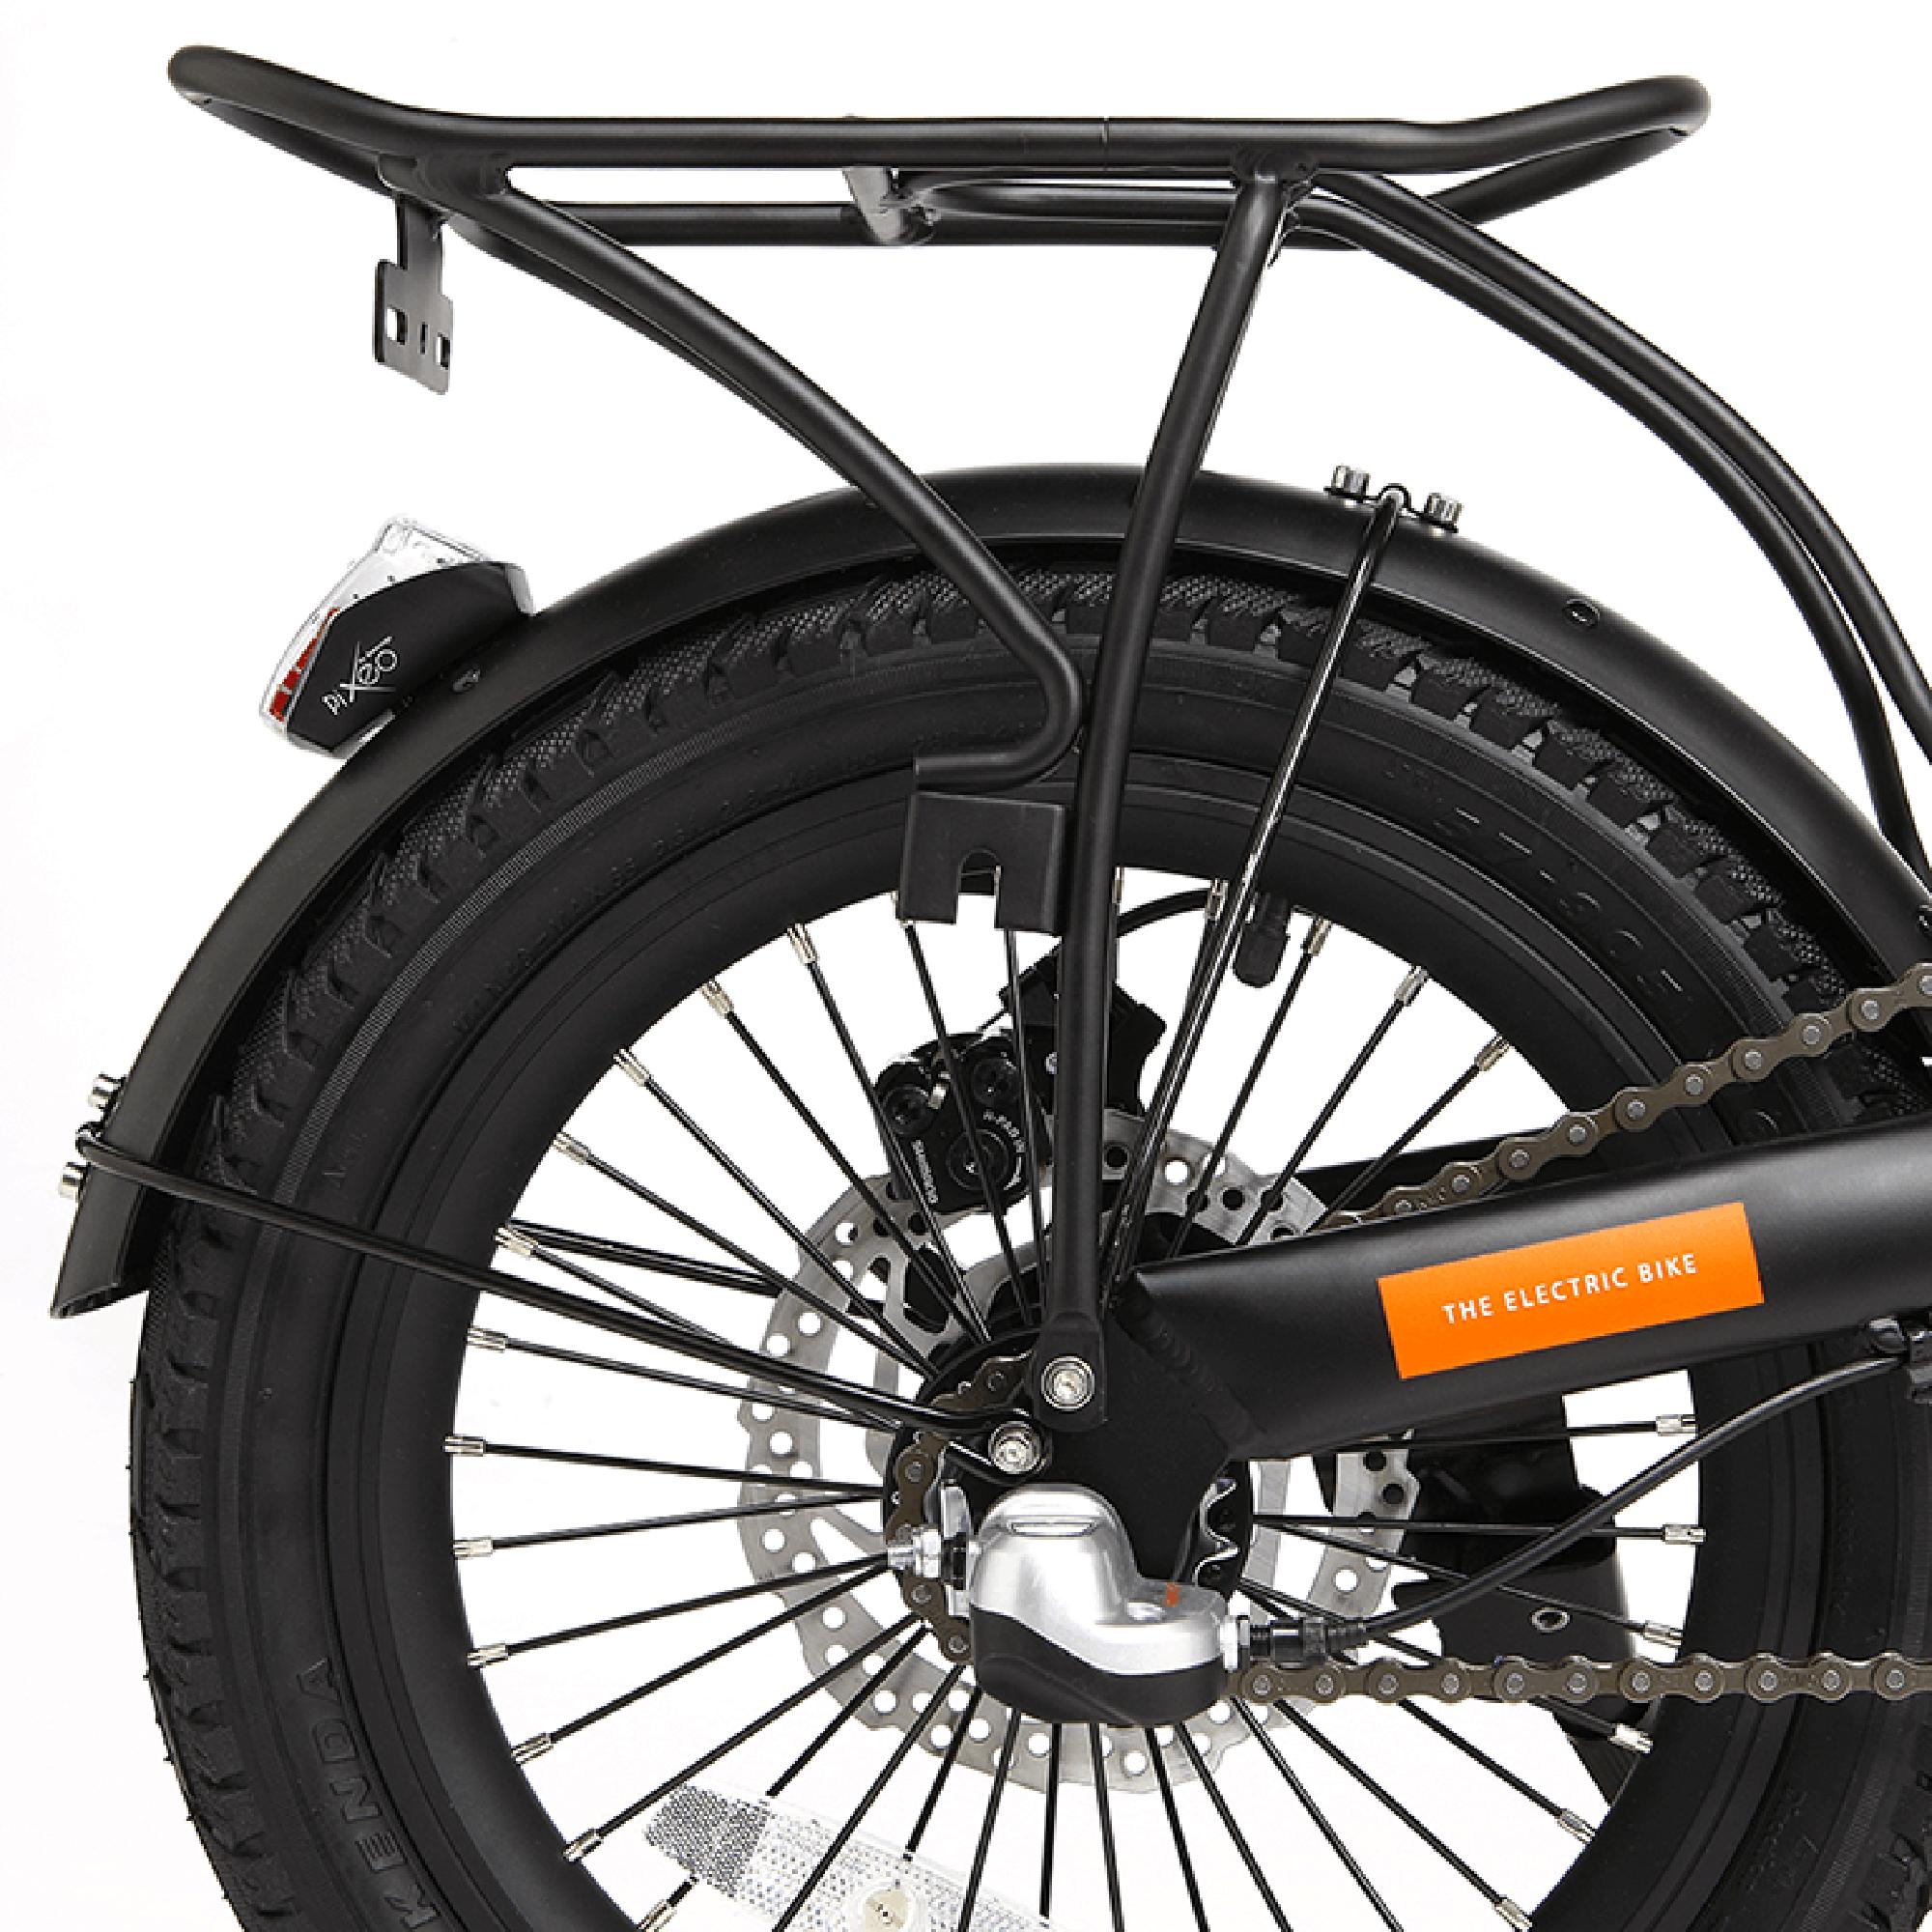 EMU mini bike rear pannier rack